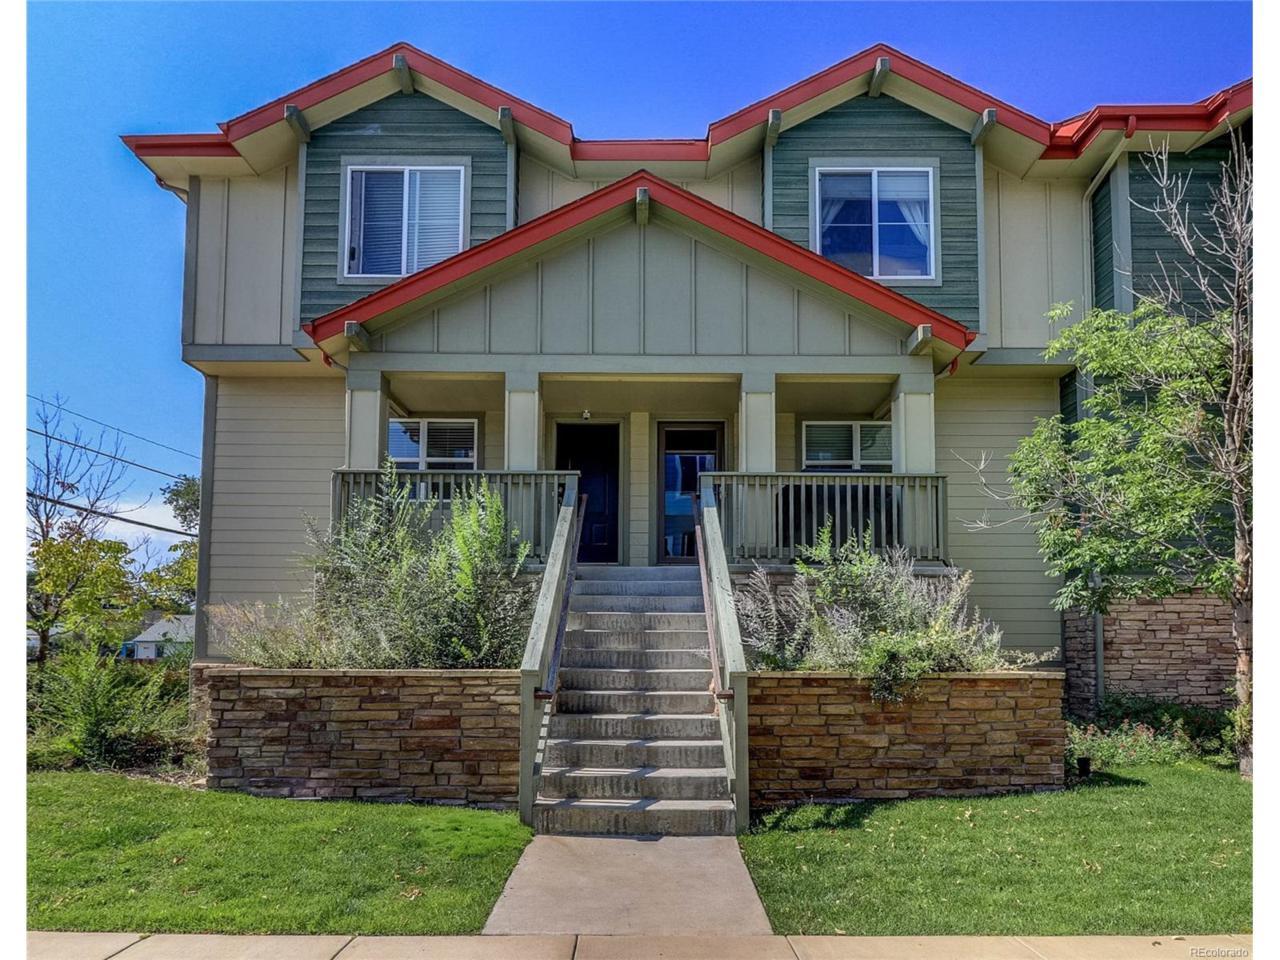 6355 E Ohio Avenue, Denver, CO 80224 (MLS #3254872) :: 8z Real Estate